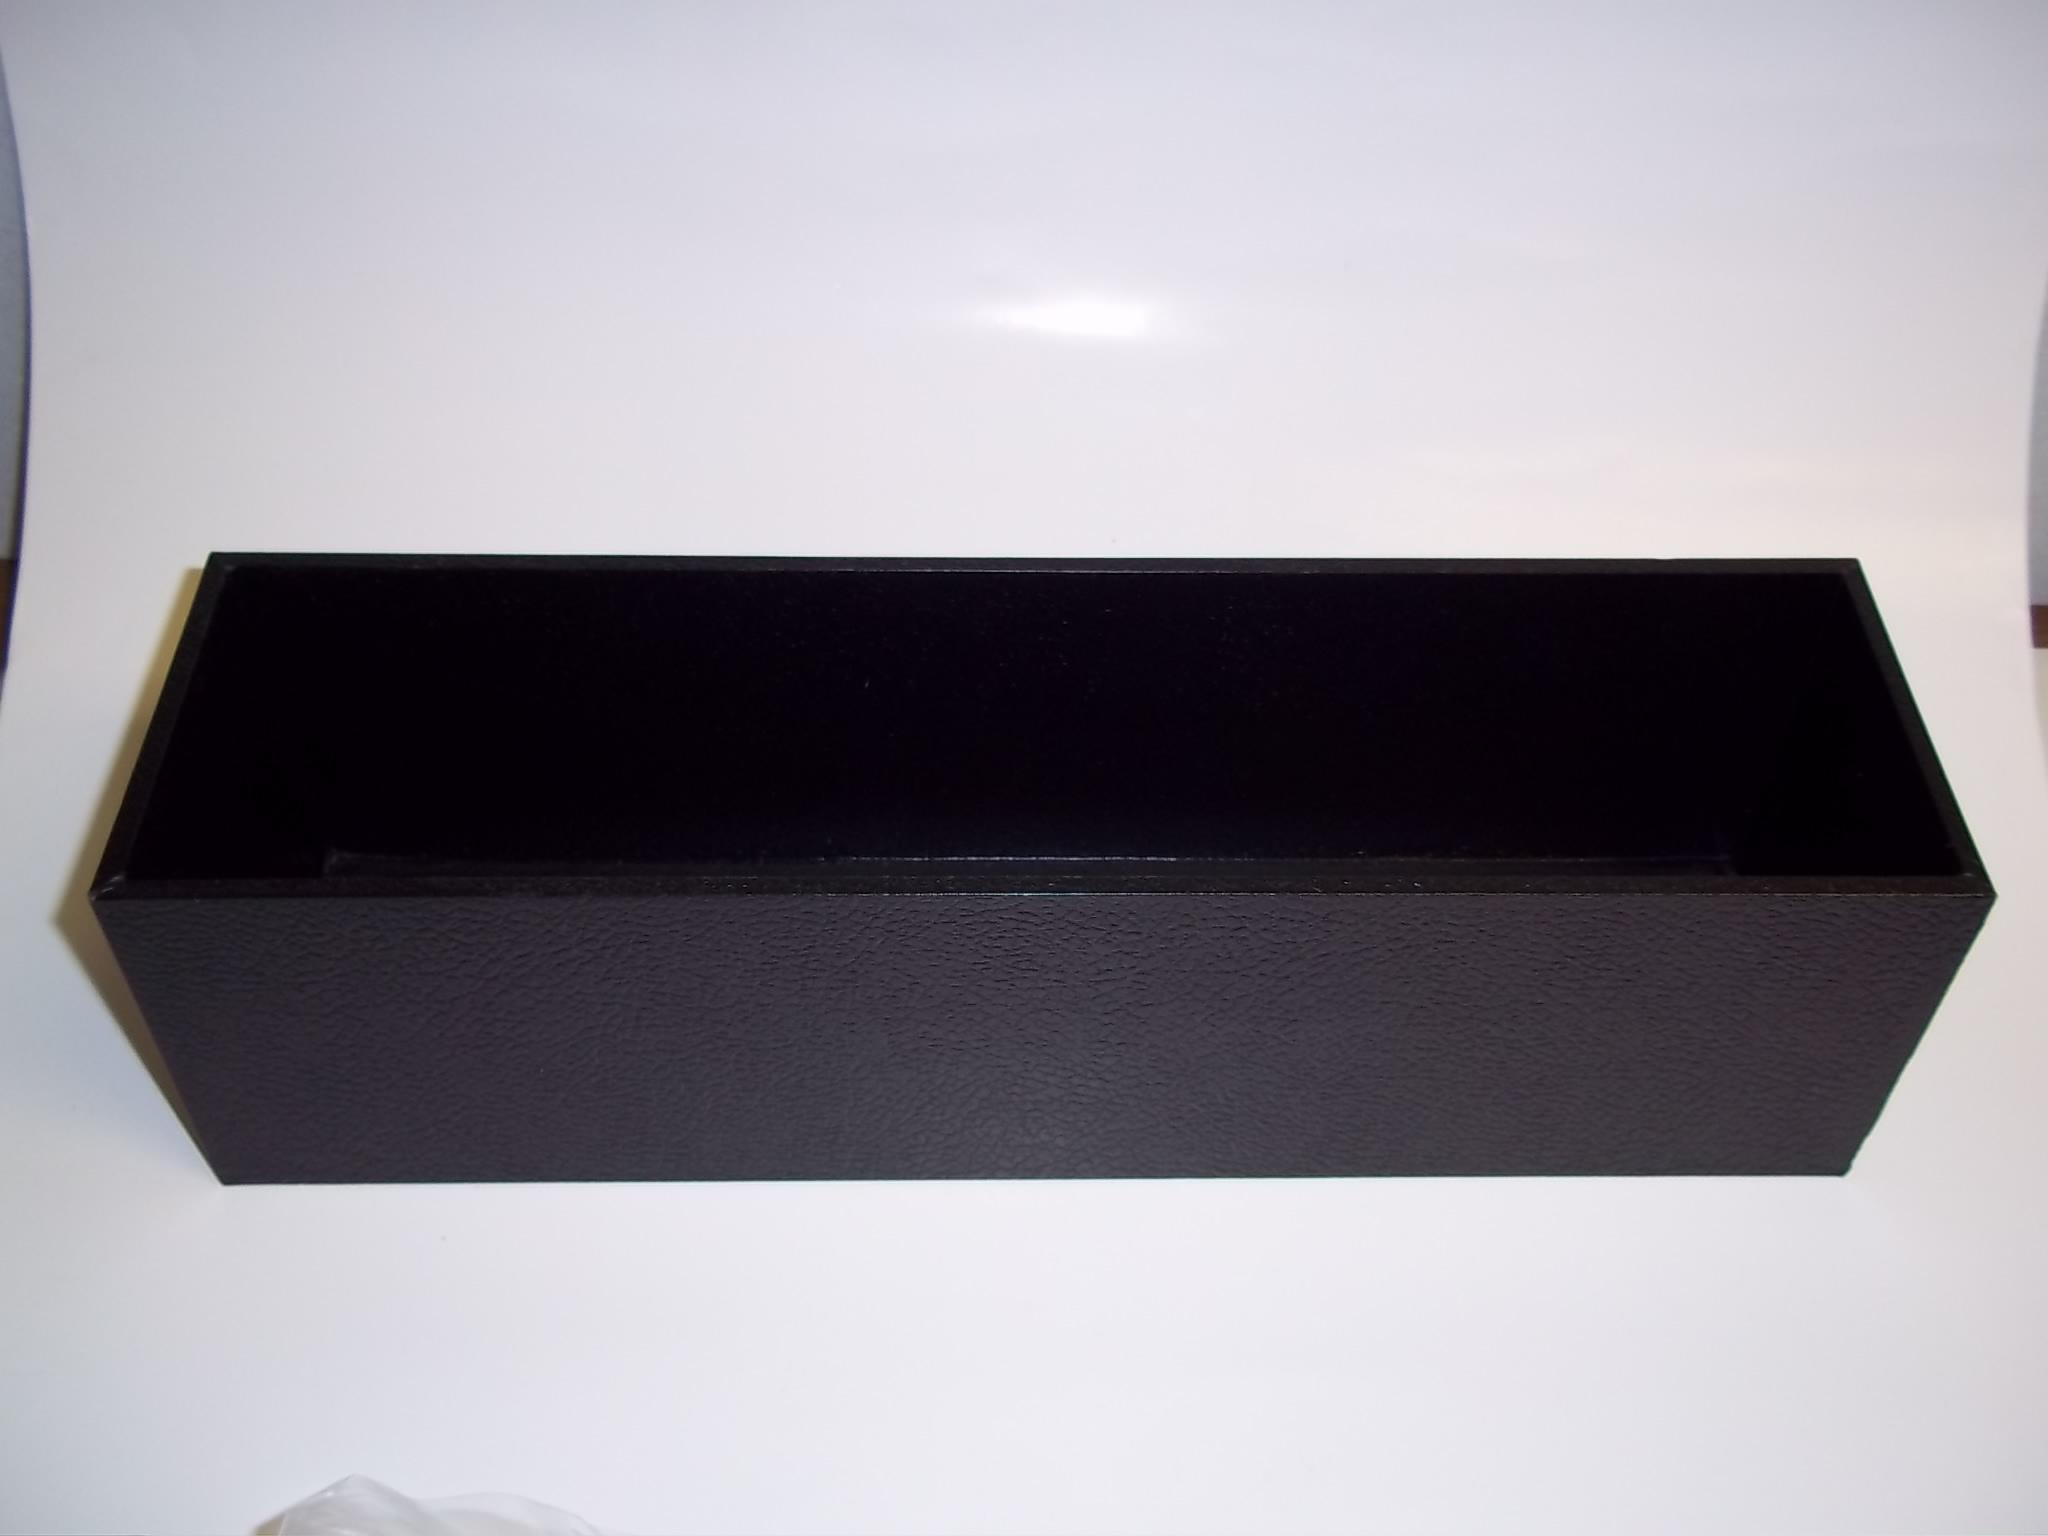 HO304 Job Envelope Organizer Tray--Large